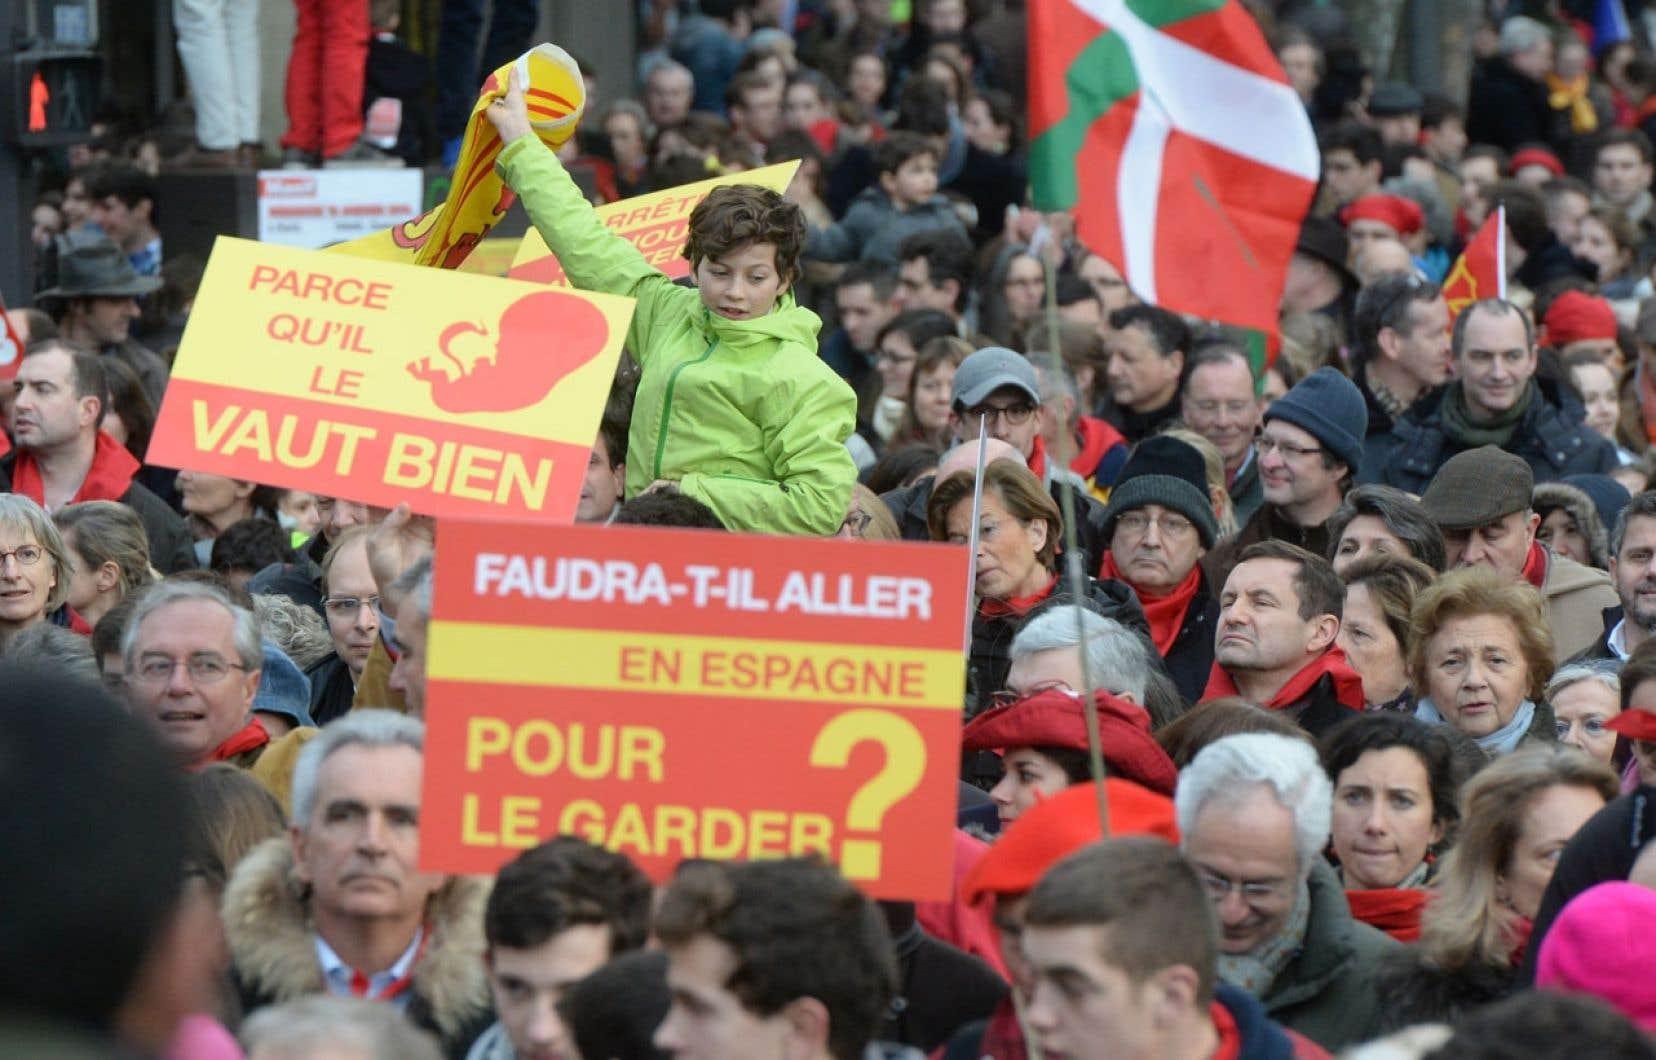 «Faudra-t-il aller en Espagne pour le garder?», interrogeaient des pancartes aux couleurs espagnoles.